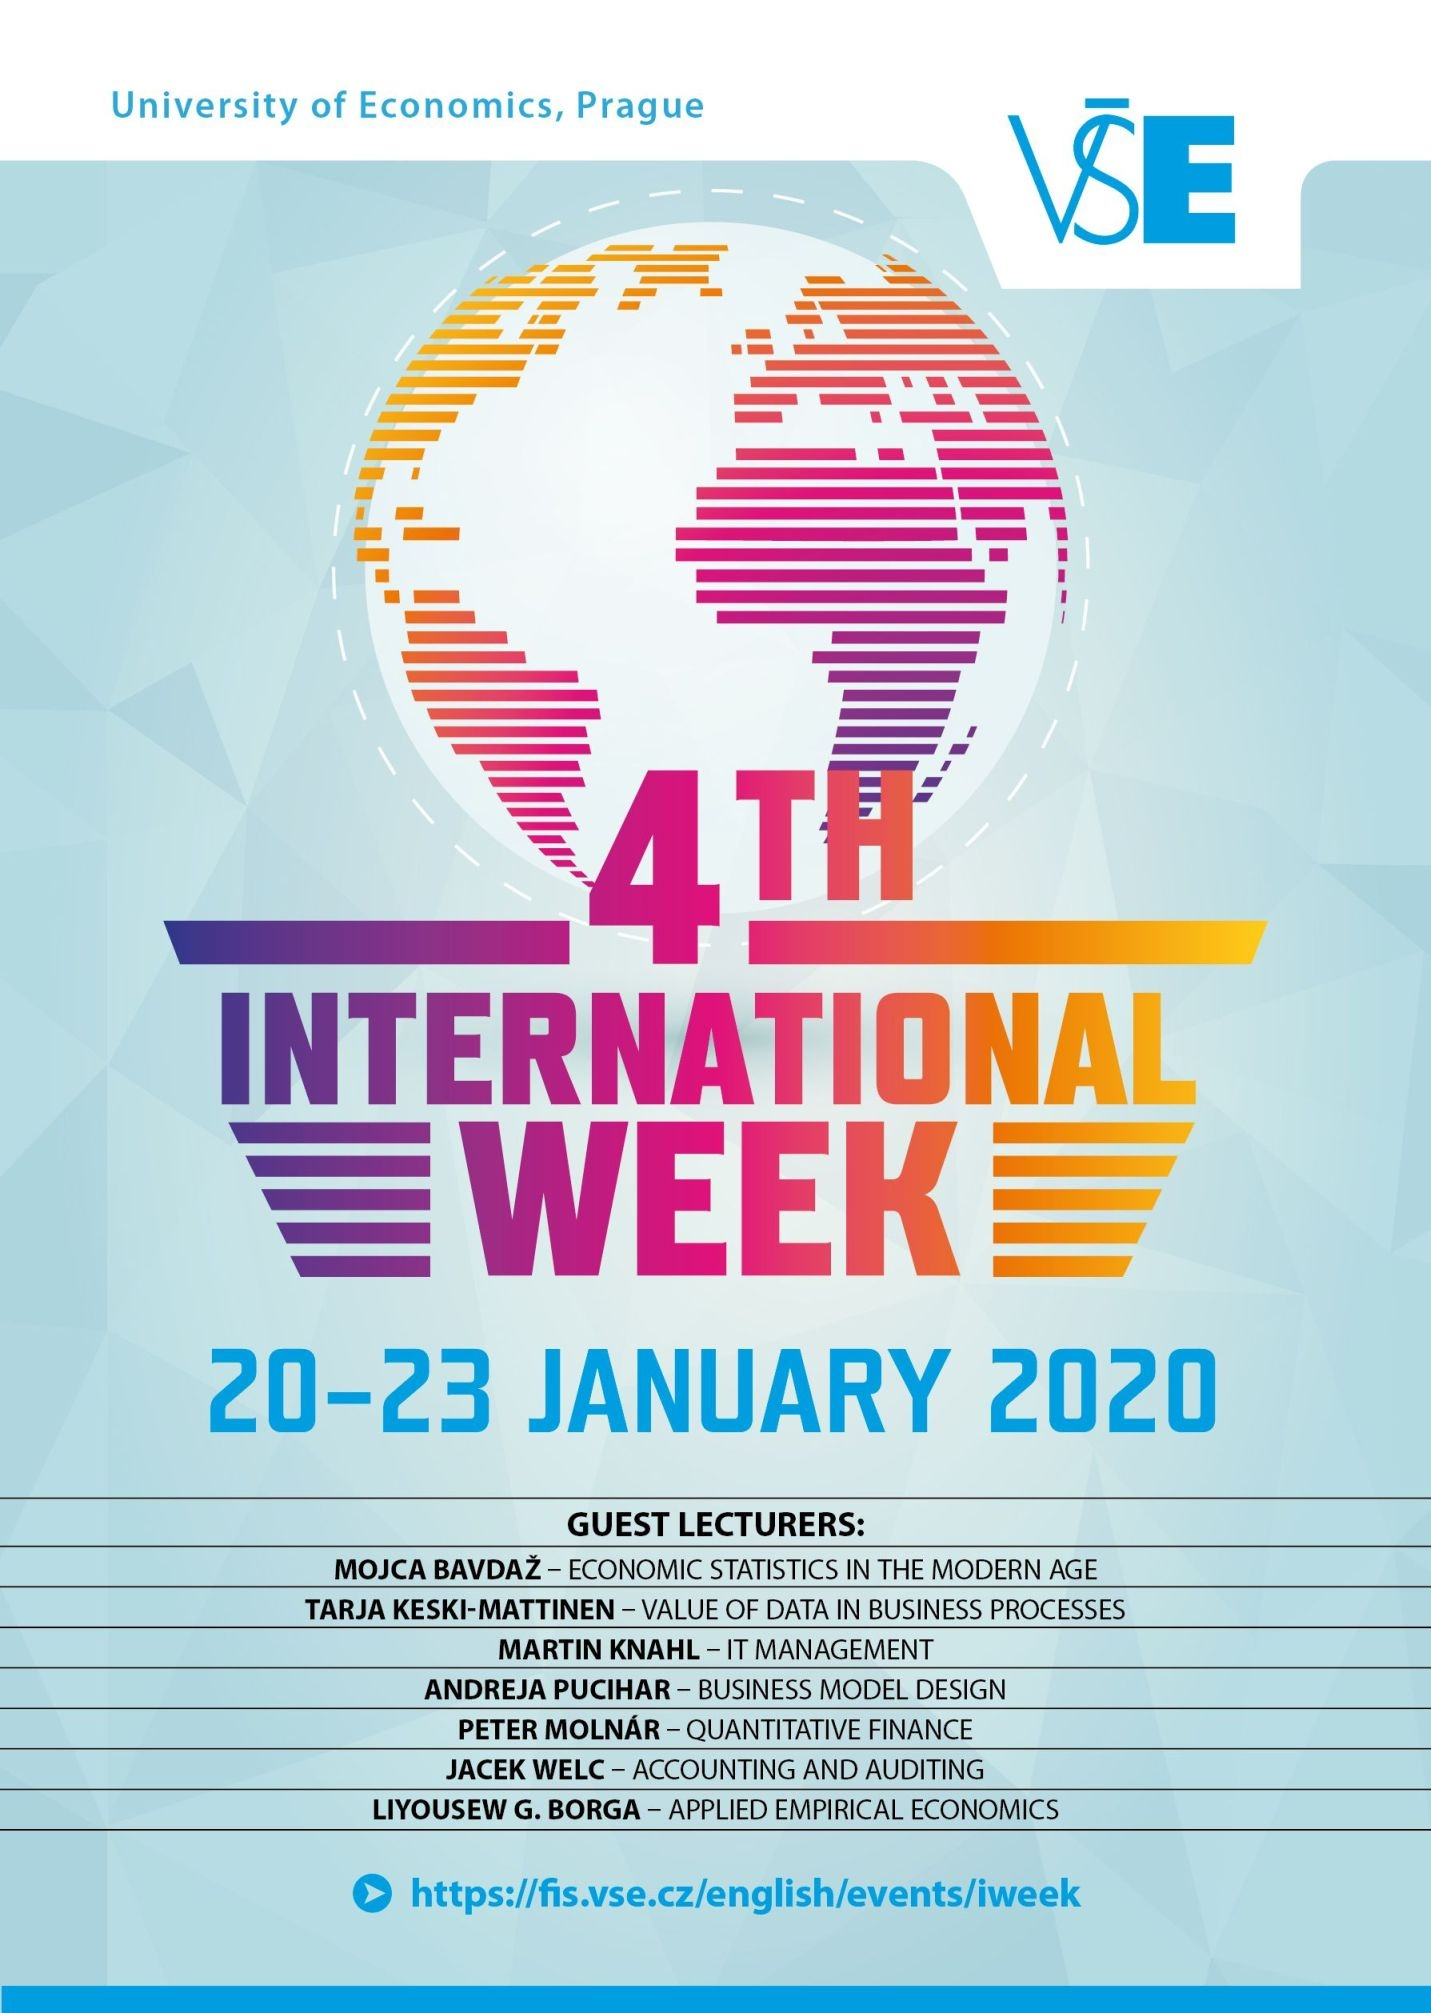 V těchto dnech probíhá International Week 2020